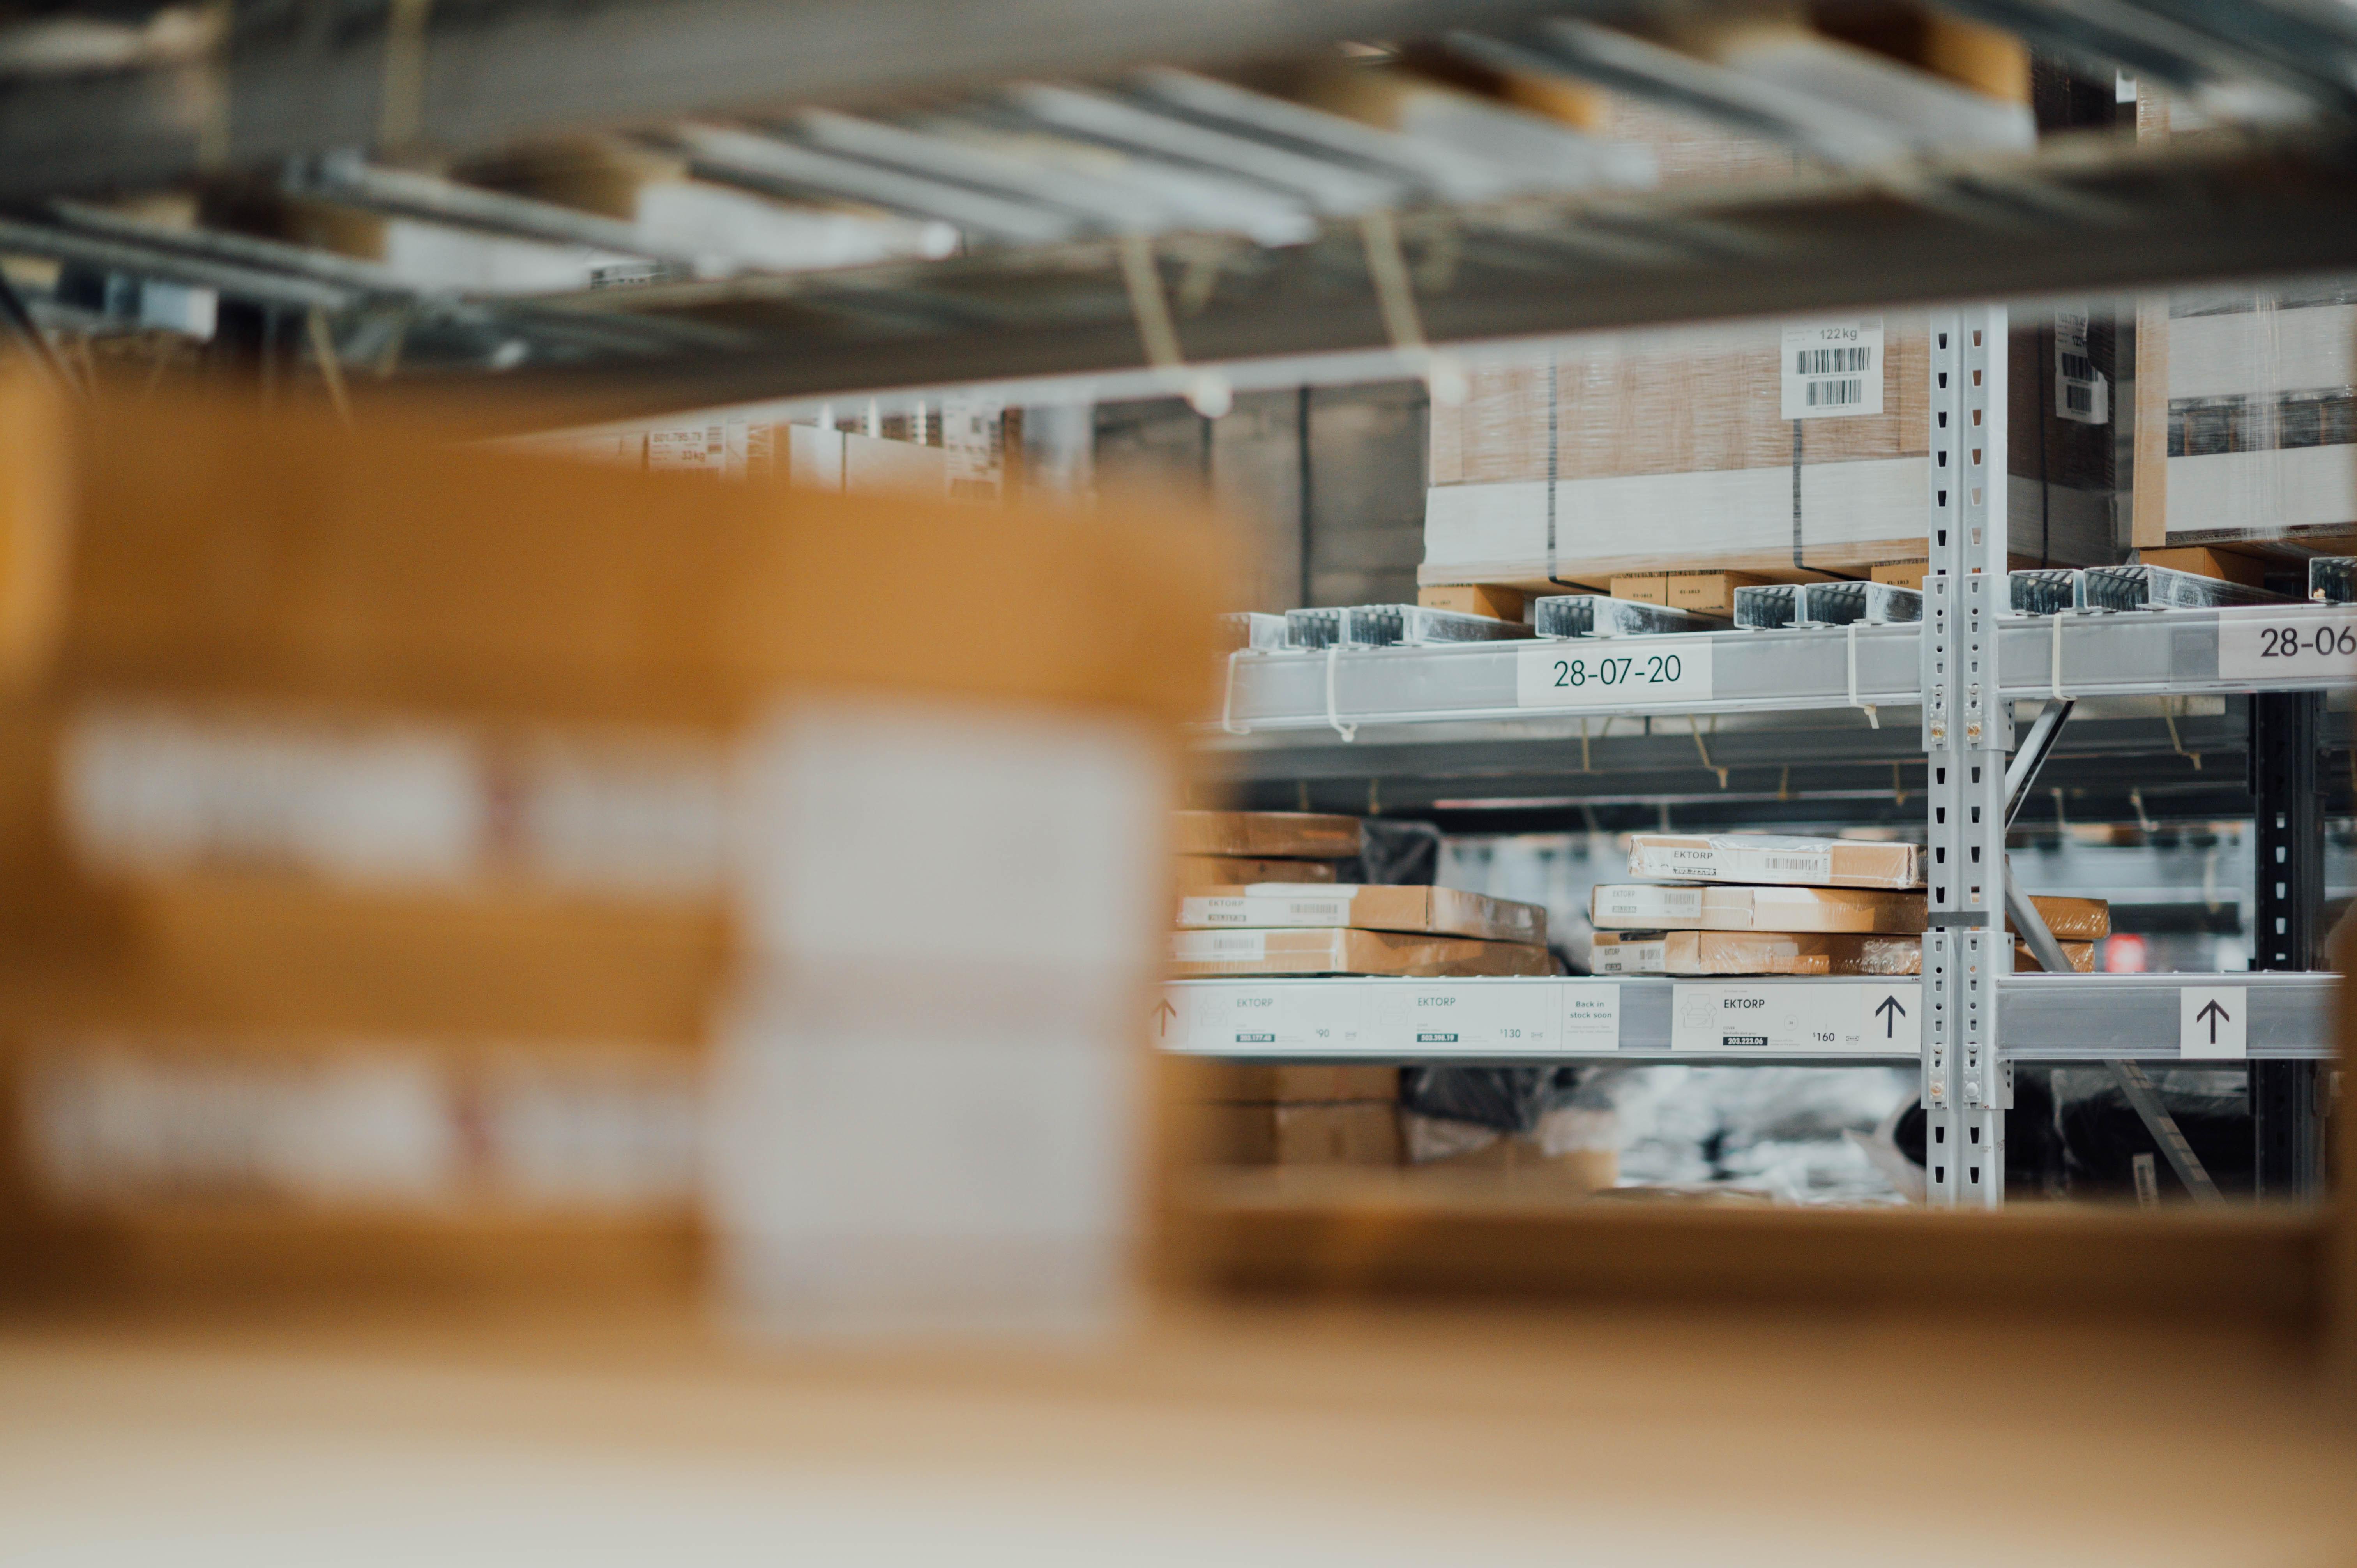 Warehouse Optimisation 101: 4 Ways to Streamline Operations